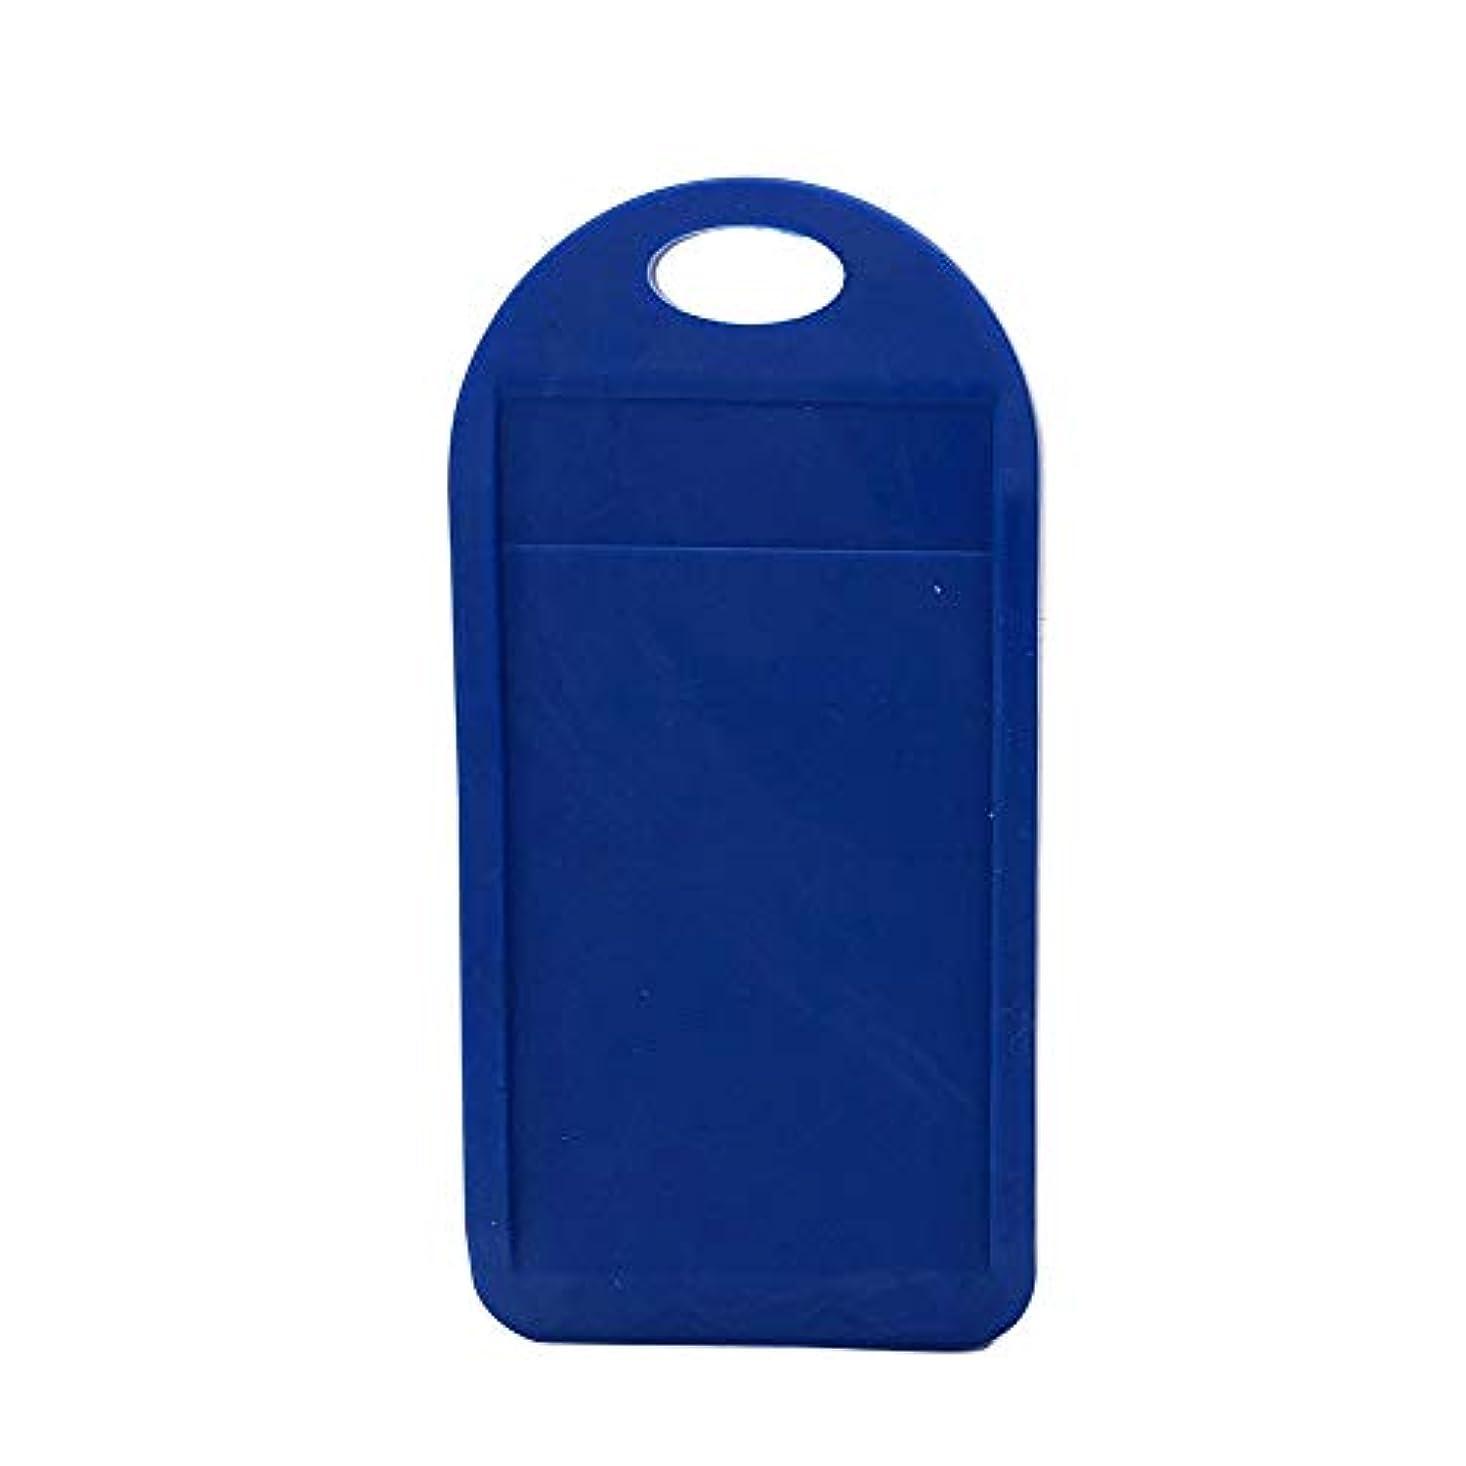 突破口コート抹消男性用ブラック/ブルーのカートリッジブレードと鈍い使い捨てシェービングカミソリを削るかみそり刃削りツールキット(青)